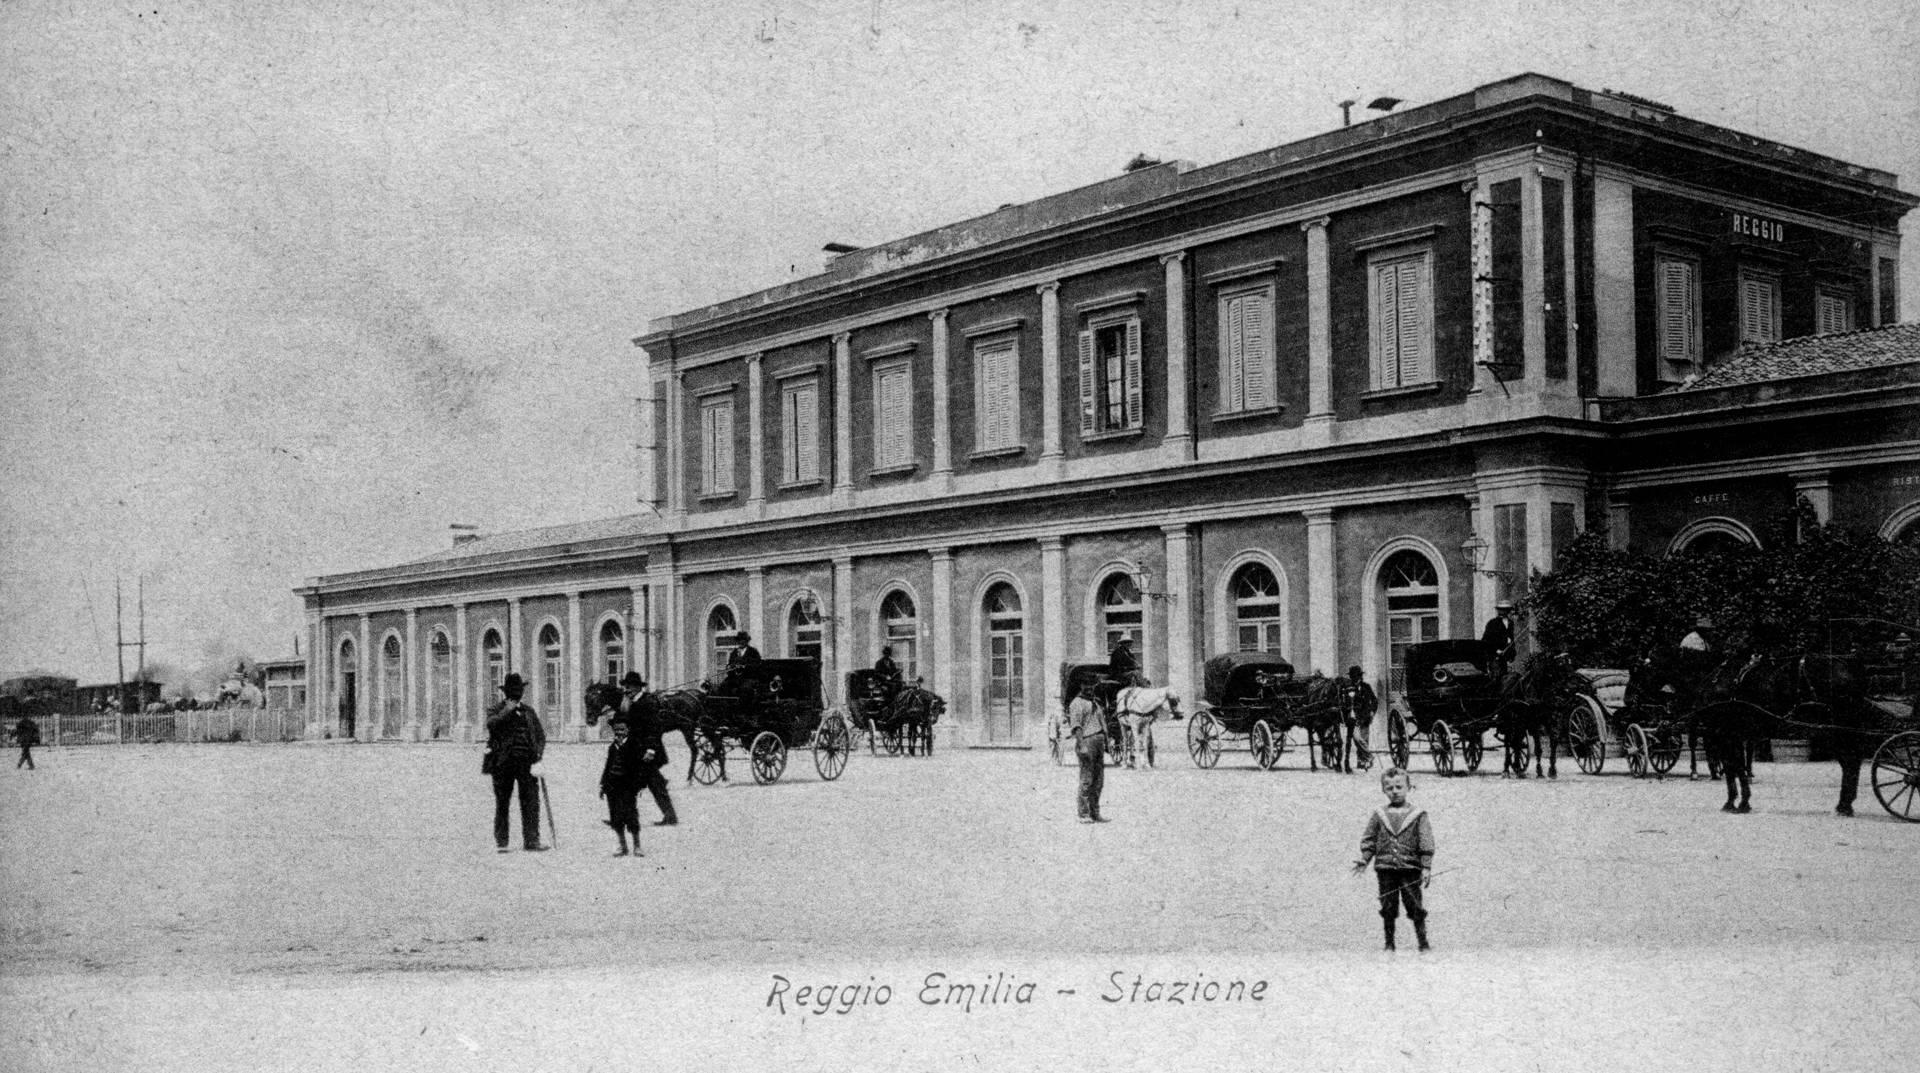 carrozze e cavalli alla stazione ferroviaria fototeca biblioteca panizzi, cartolina - reggio emilia 1905 ca.